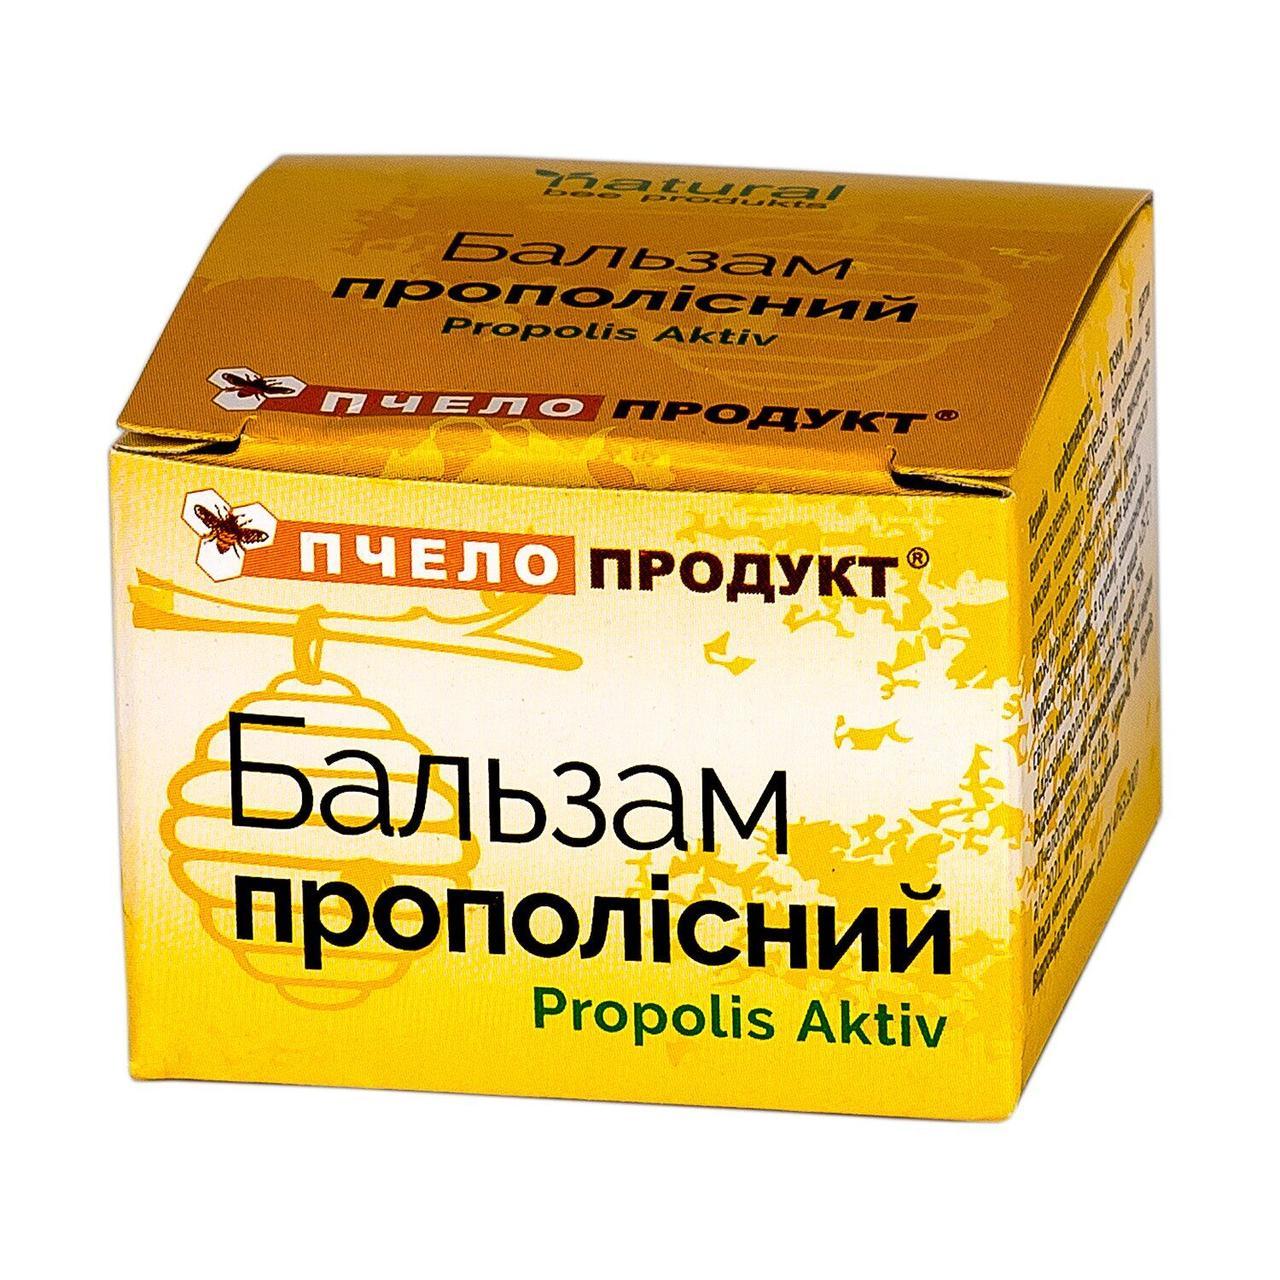 Бальзам Прополис Плюс, 25%, Пчелопродукт, 10 г.